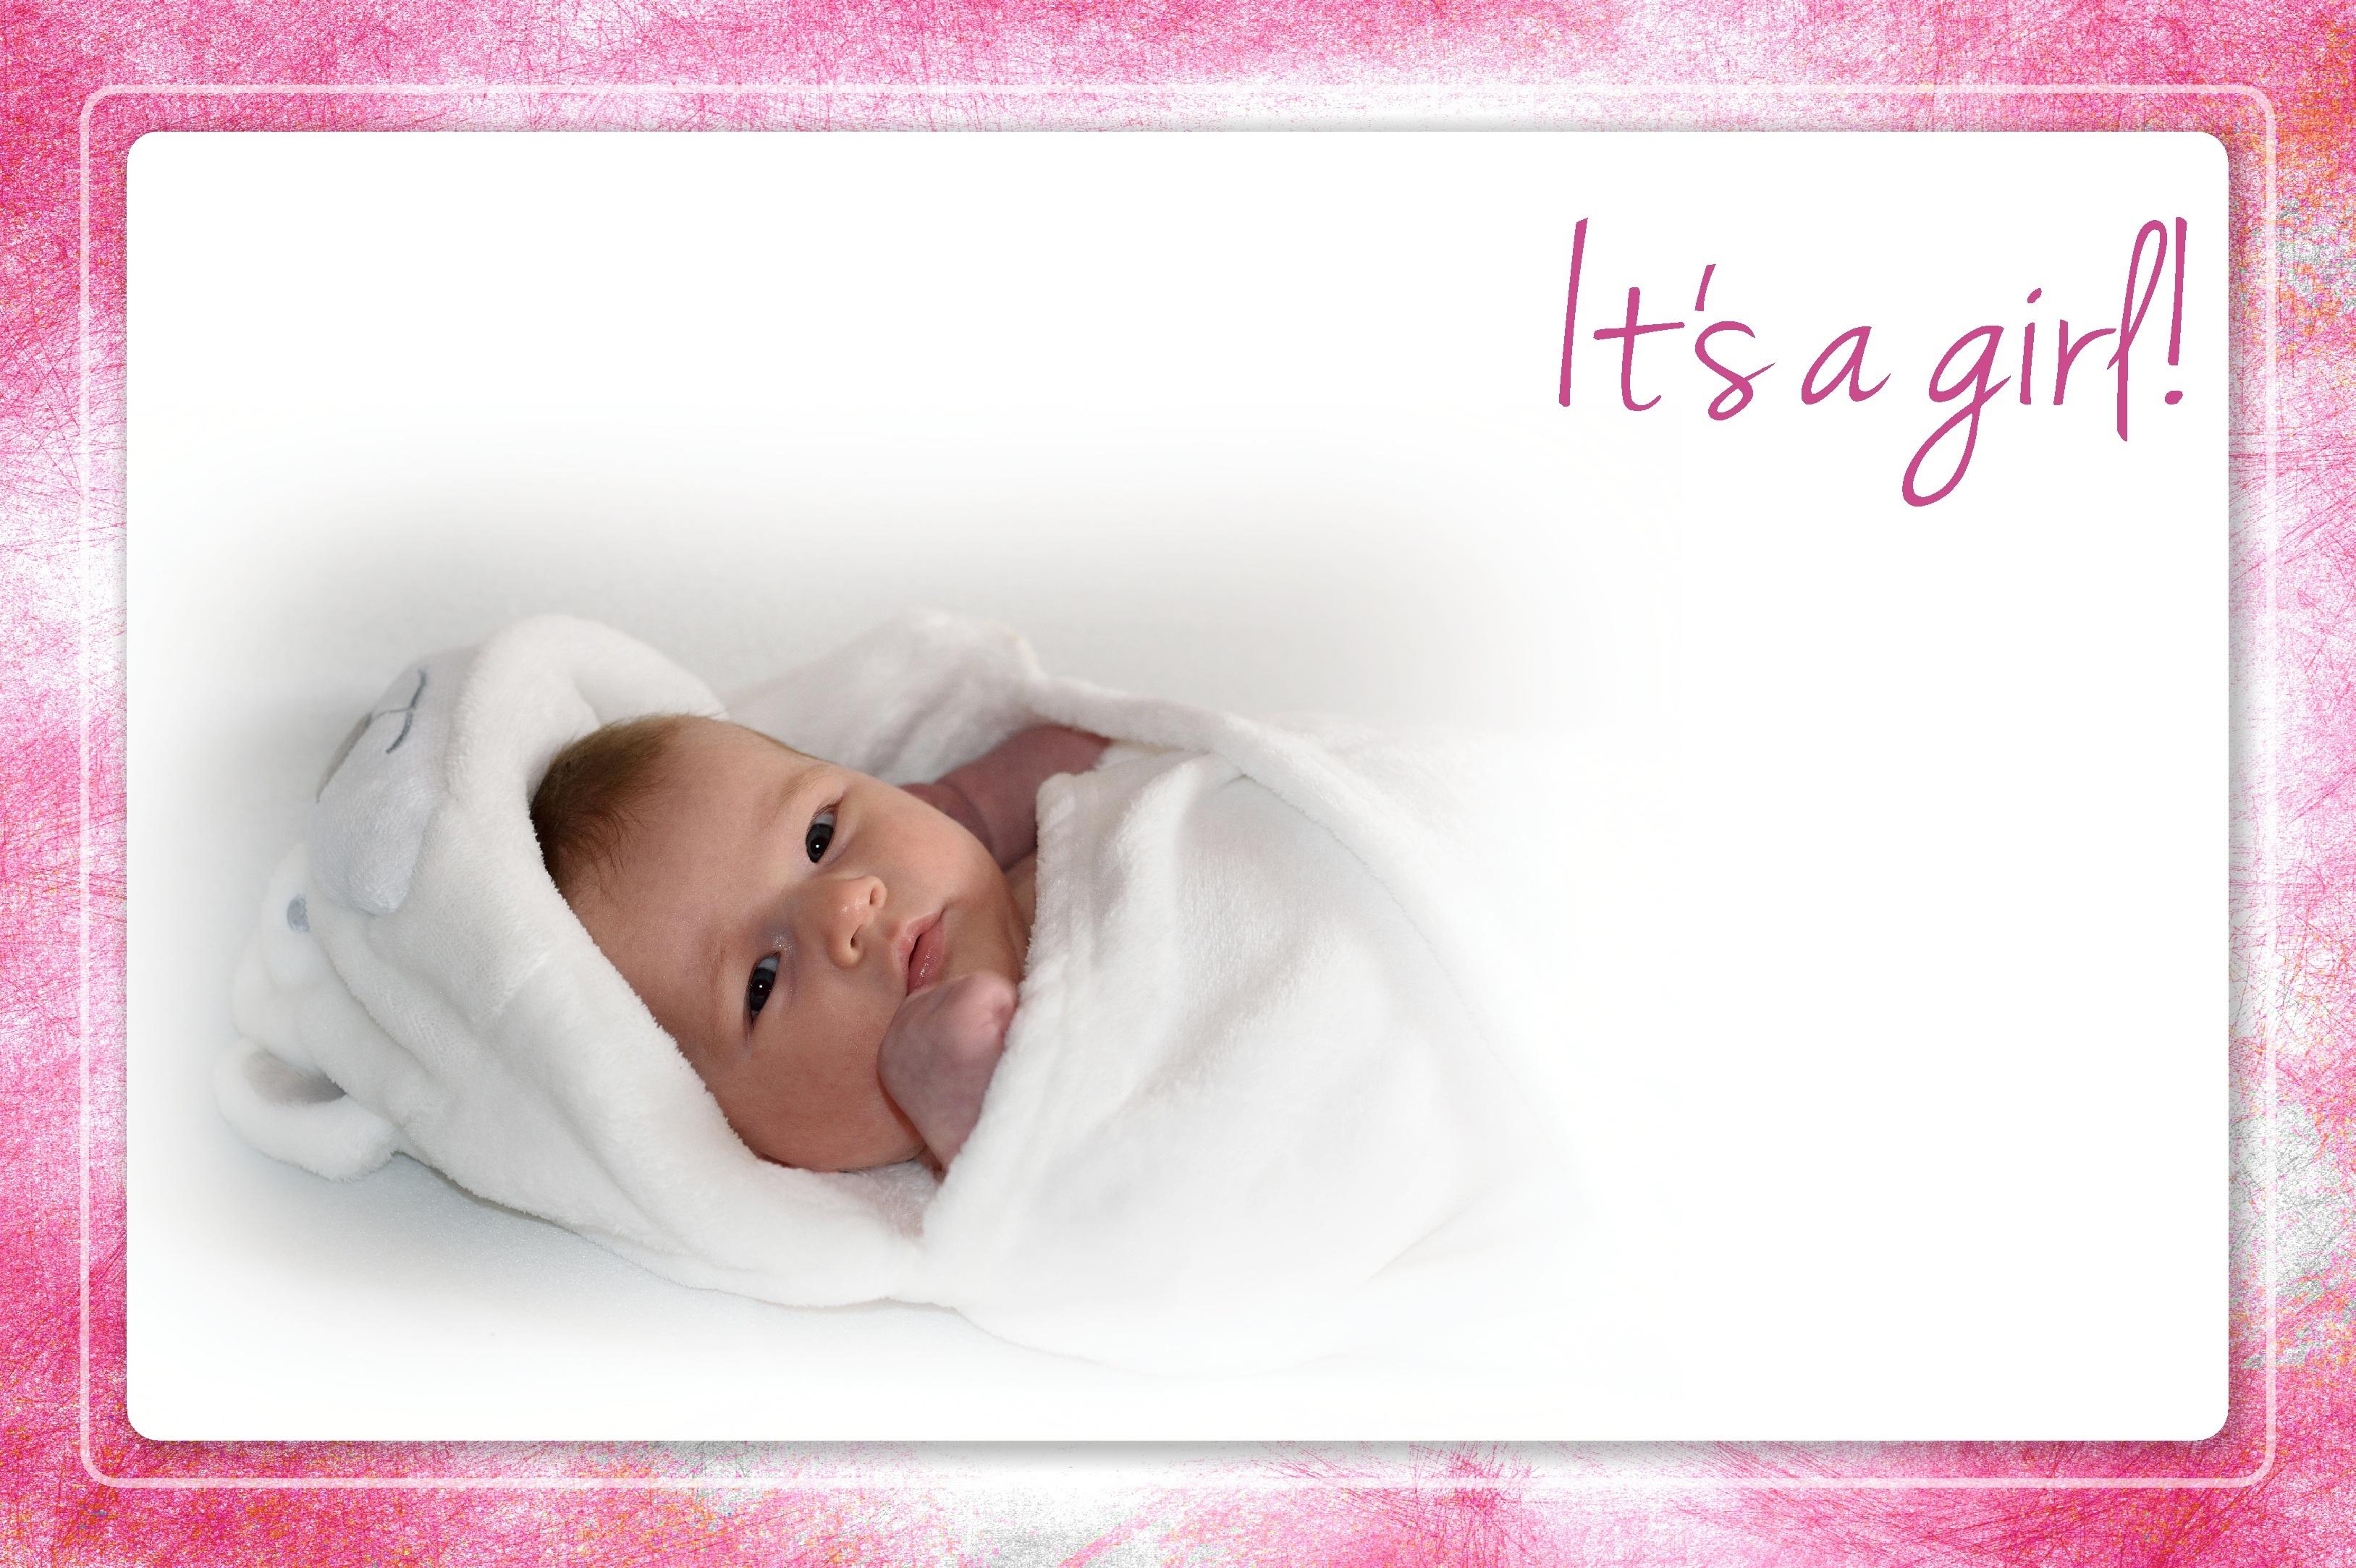 Gambar Gadis Imut Anak Berwarna Merah Muda Produk Yg Baru Lahir Kartu Pos Indah Bingkai Gambar Kartu Ucapan Selamat Pengumuman Bayi Perempuan Itu Perempuan Kartu Kelahiran 3255x2167 1206691 Galeri Foto Pxhere